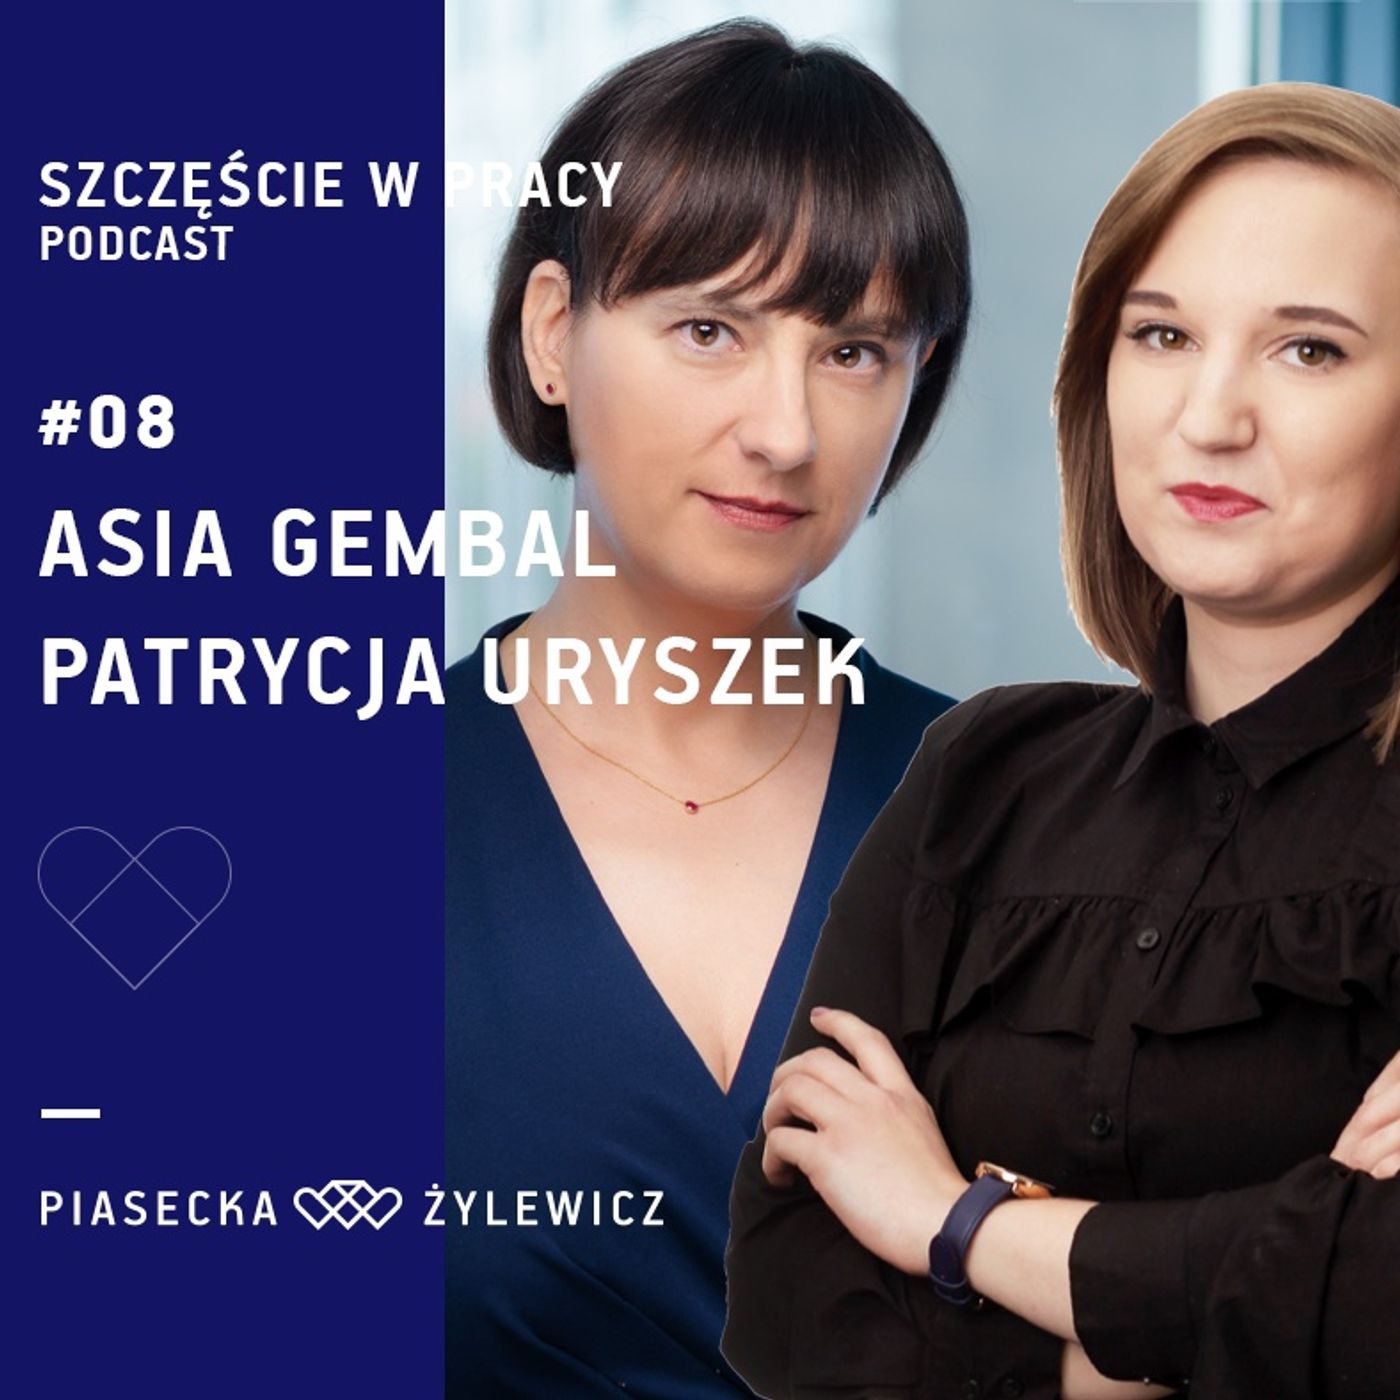 #08 Asia Gembal i Patrycja Uryszek